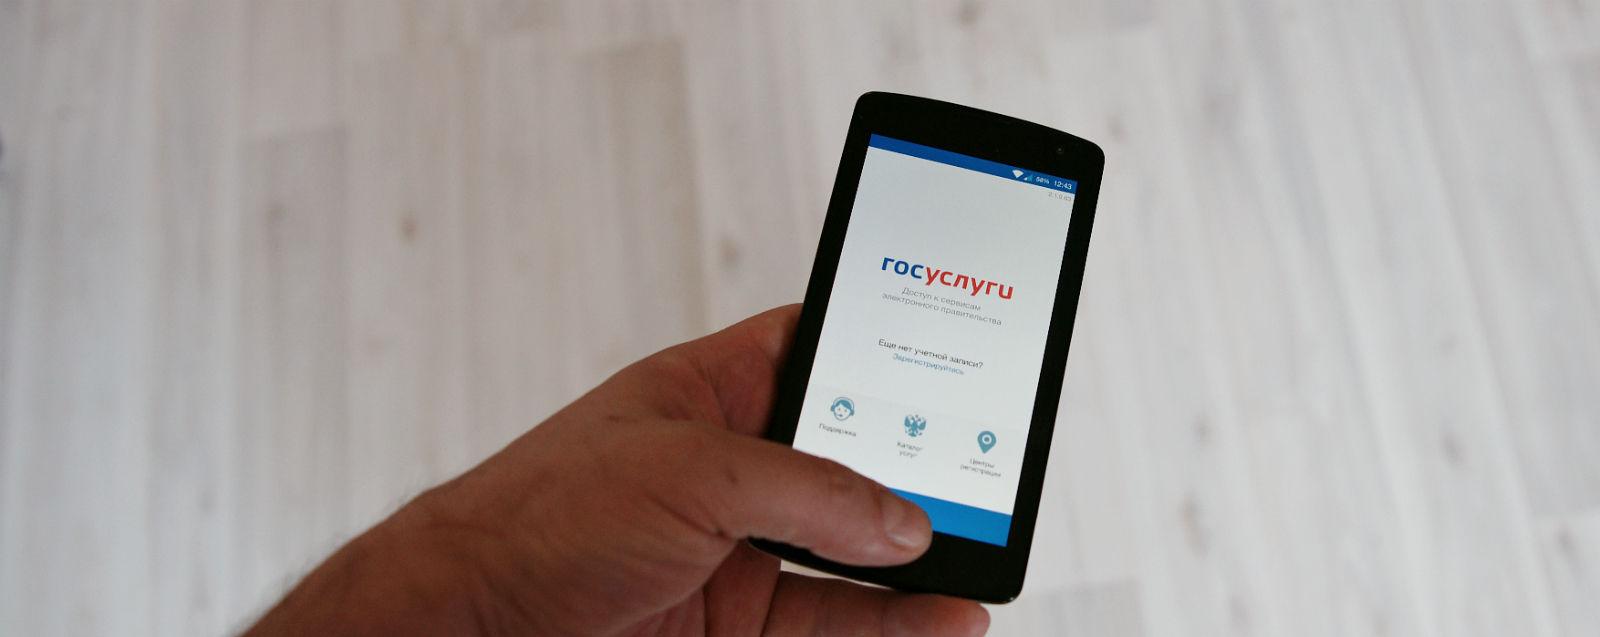 Оперативность обновления информации порой имеет большое значение ©Фото Юга.ру